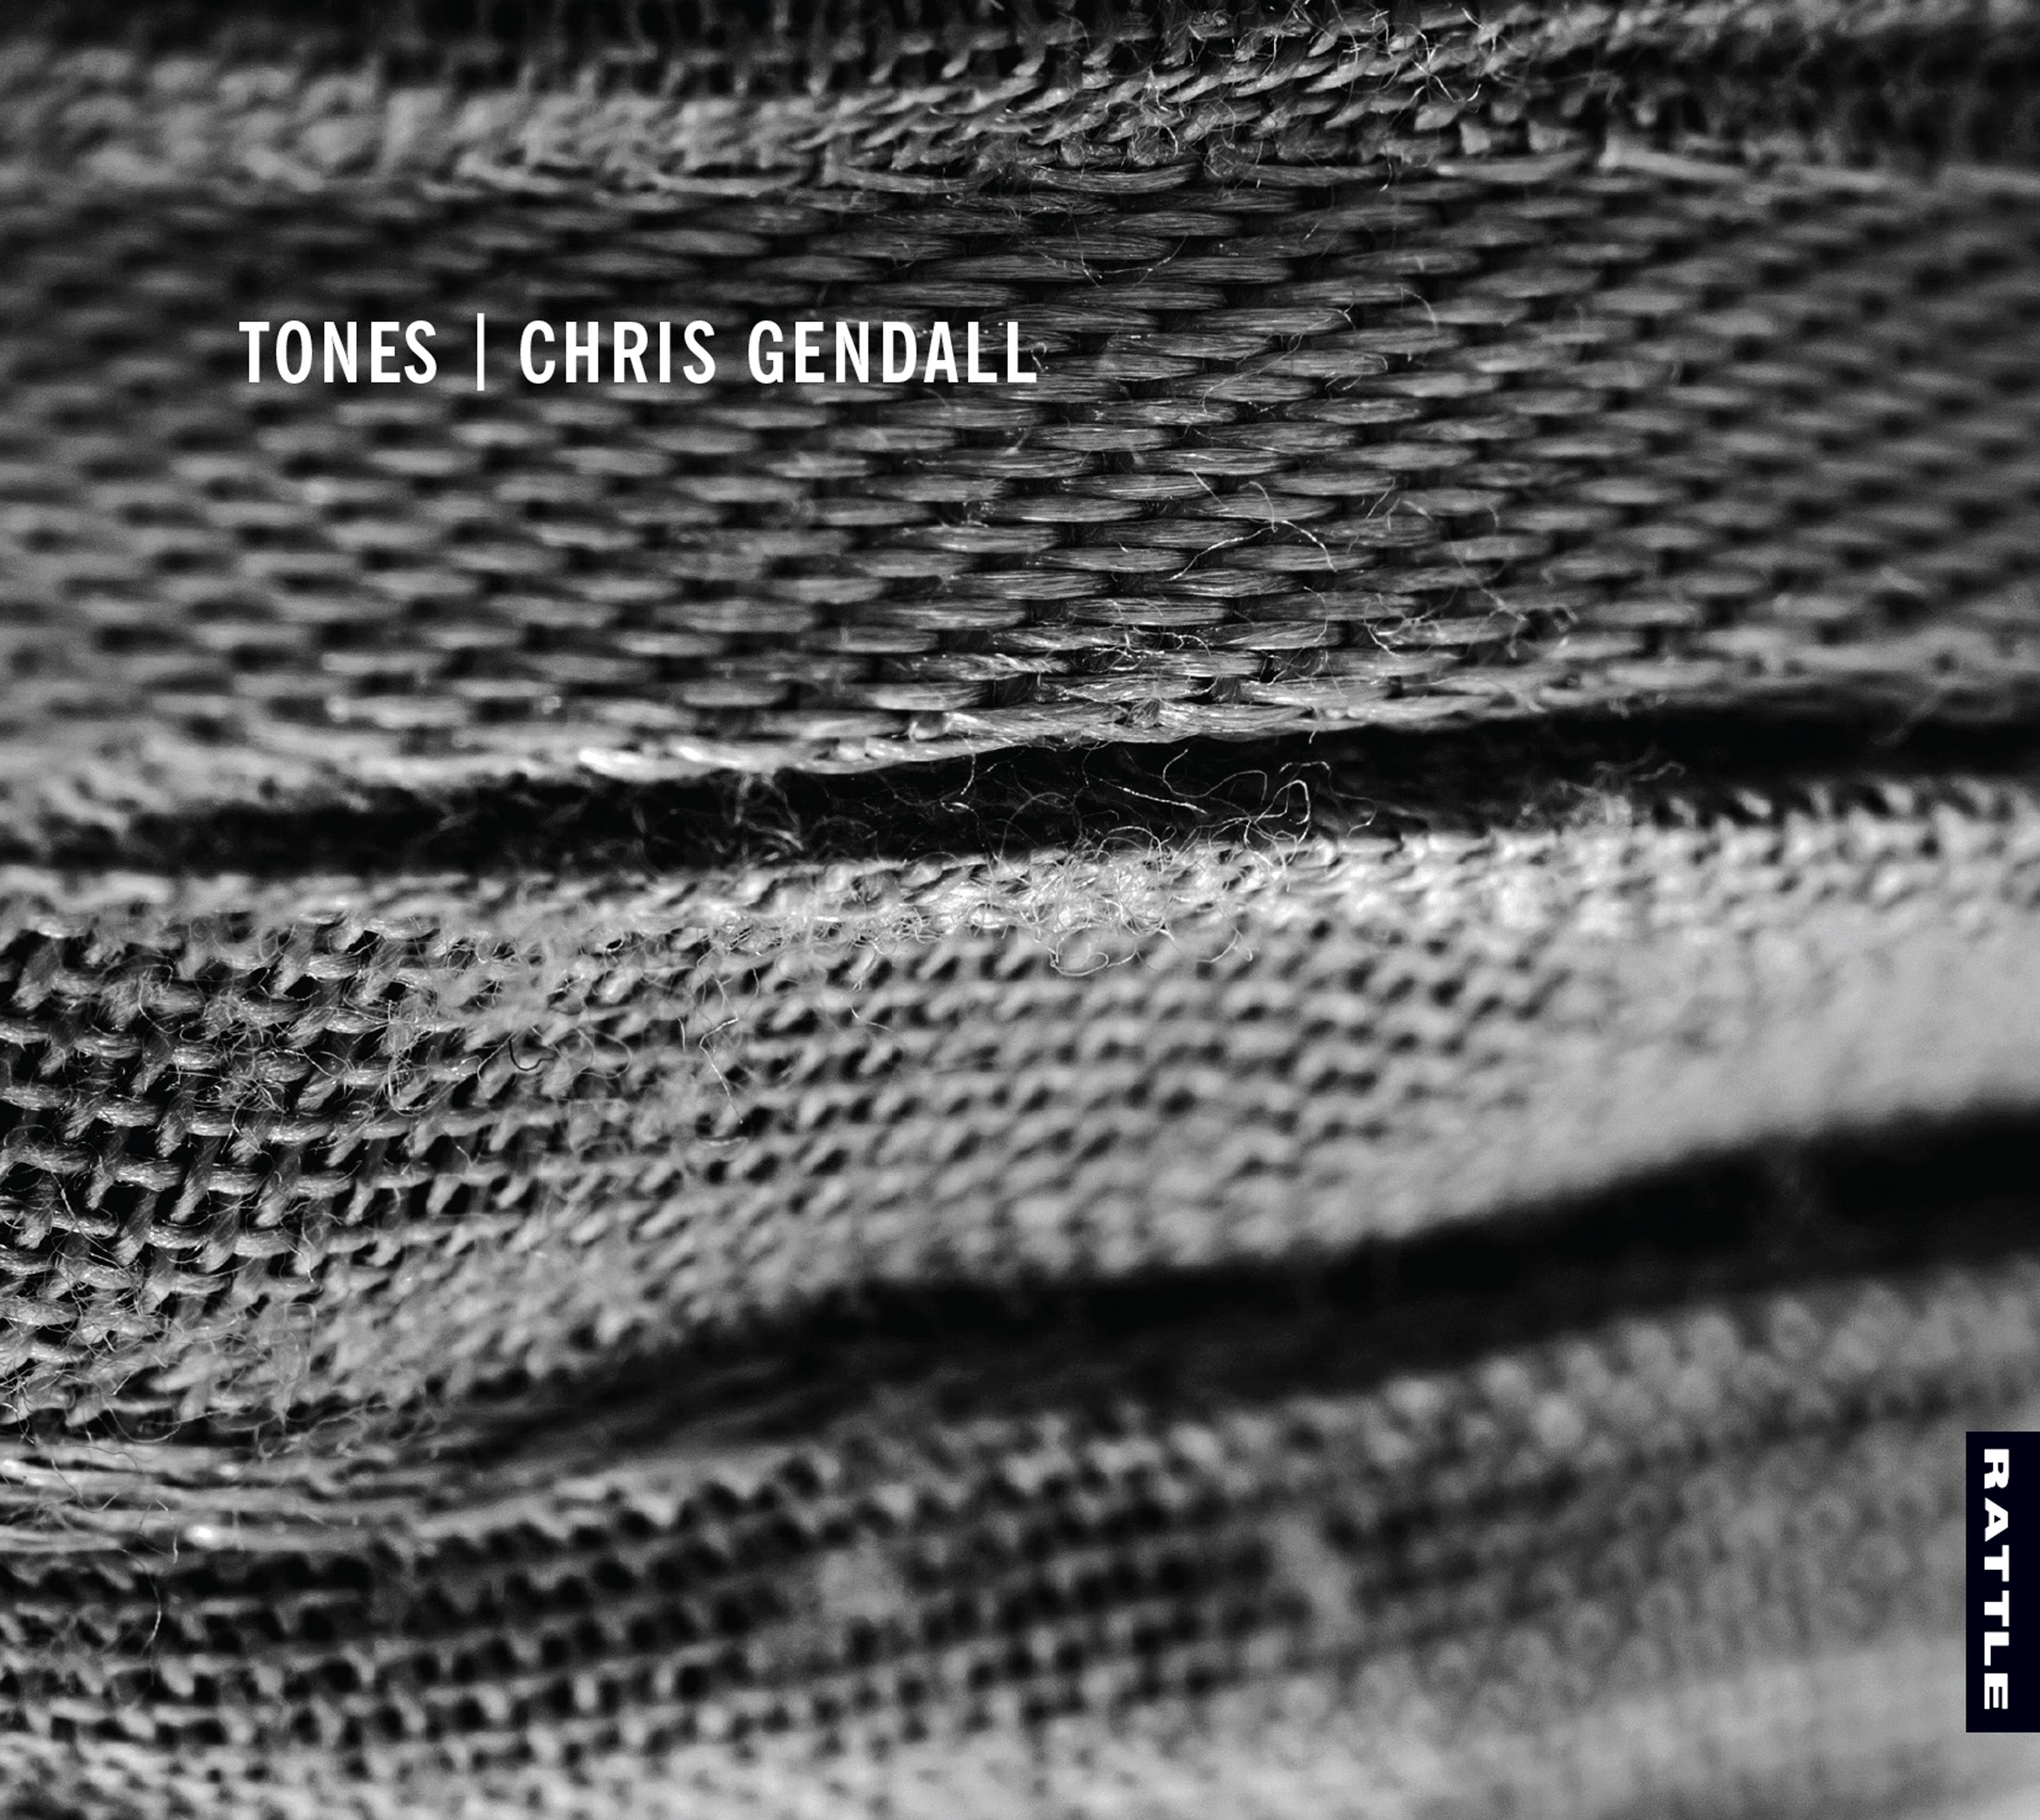 Chris Gendall | Tones - CD